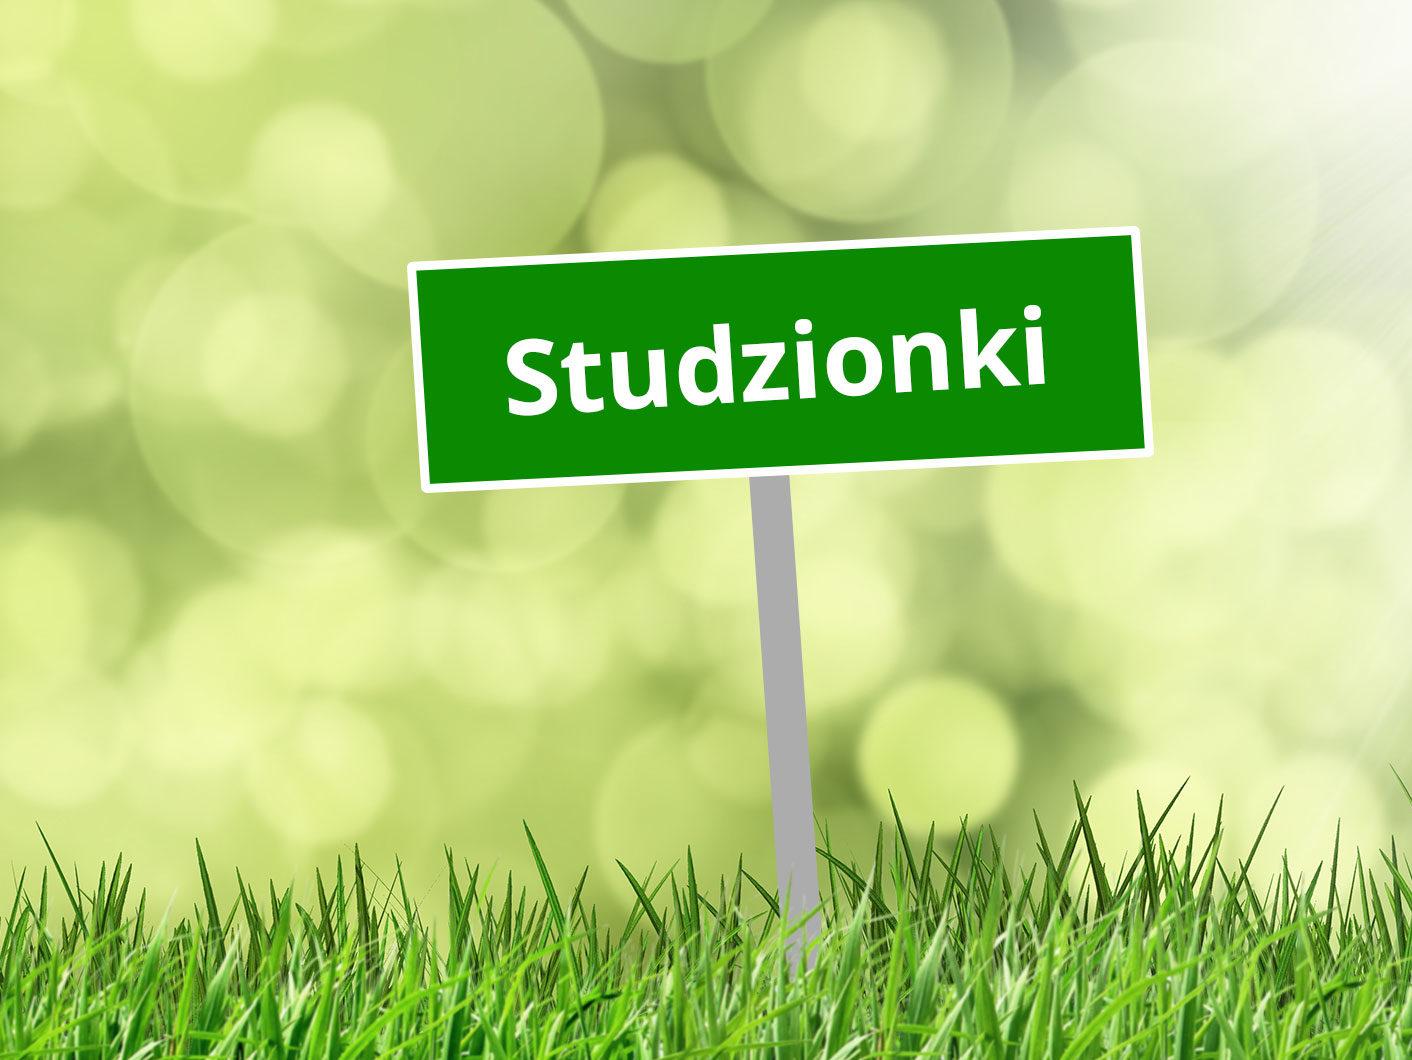 Sołectwo Studzionki